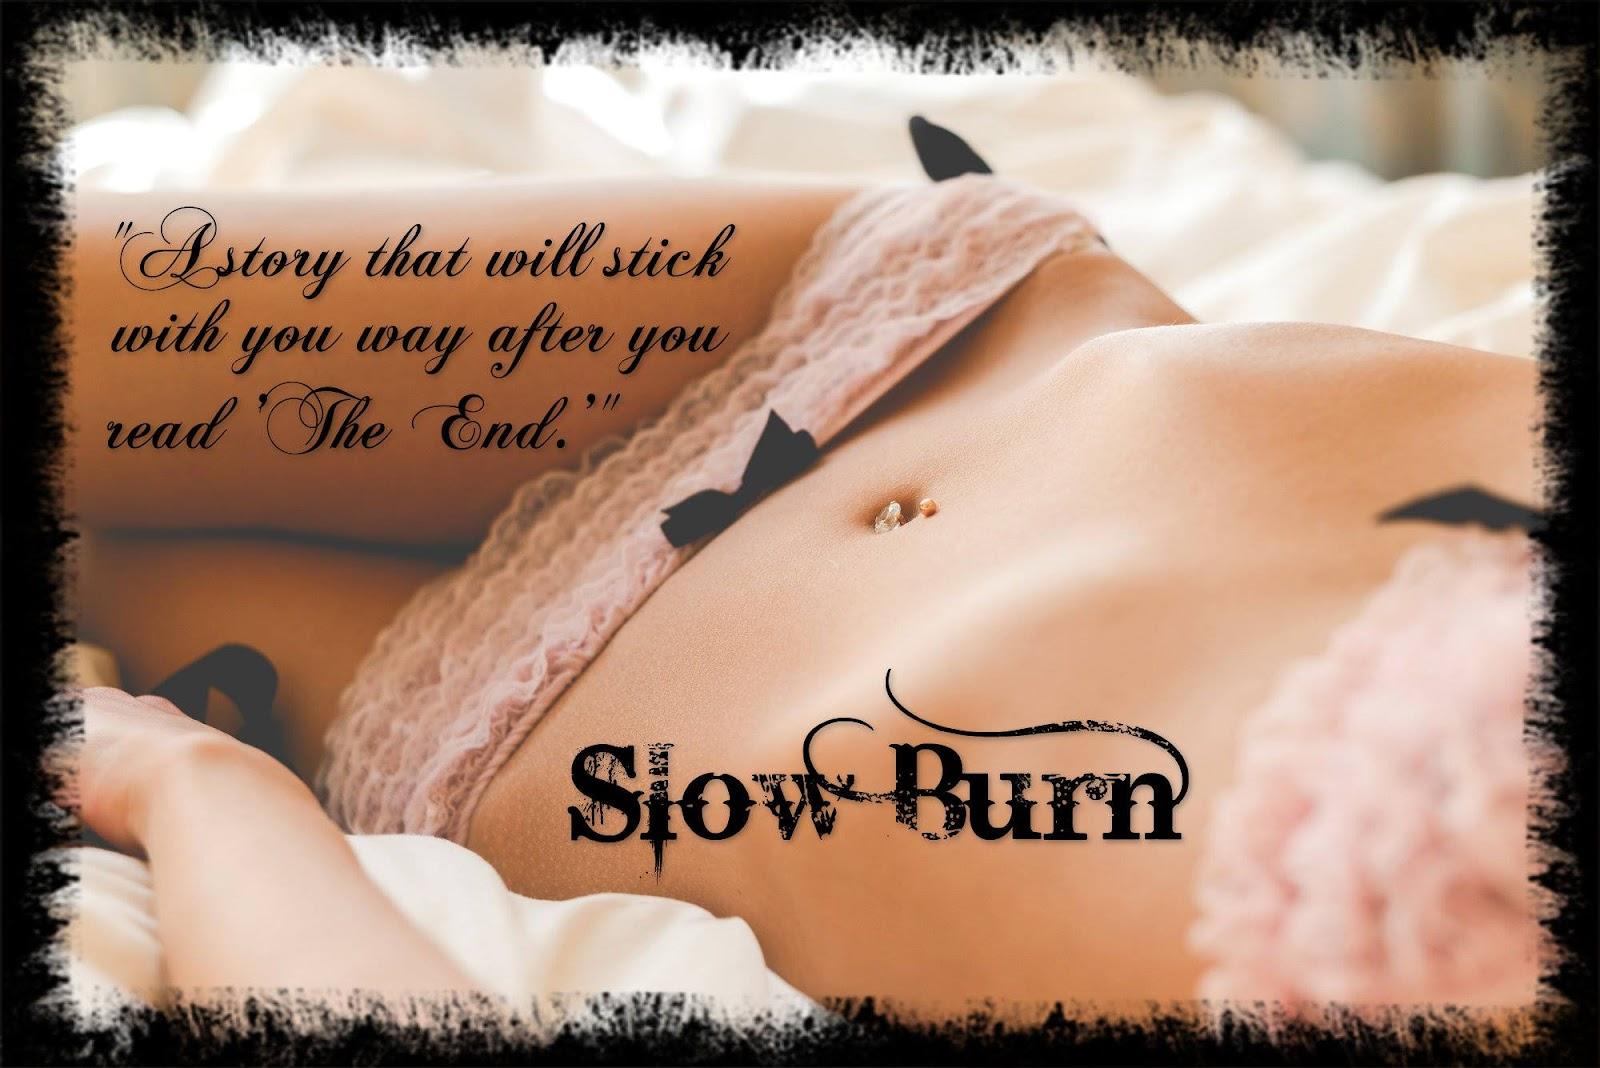 slow burn teaser 3.jpg